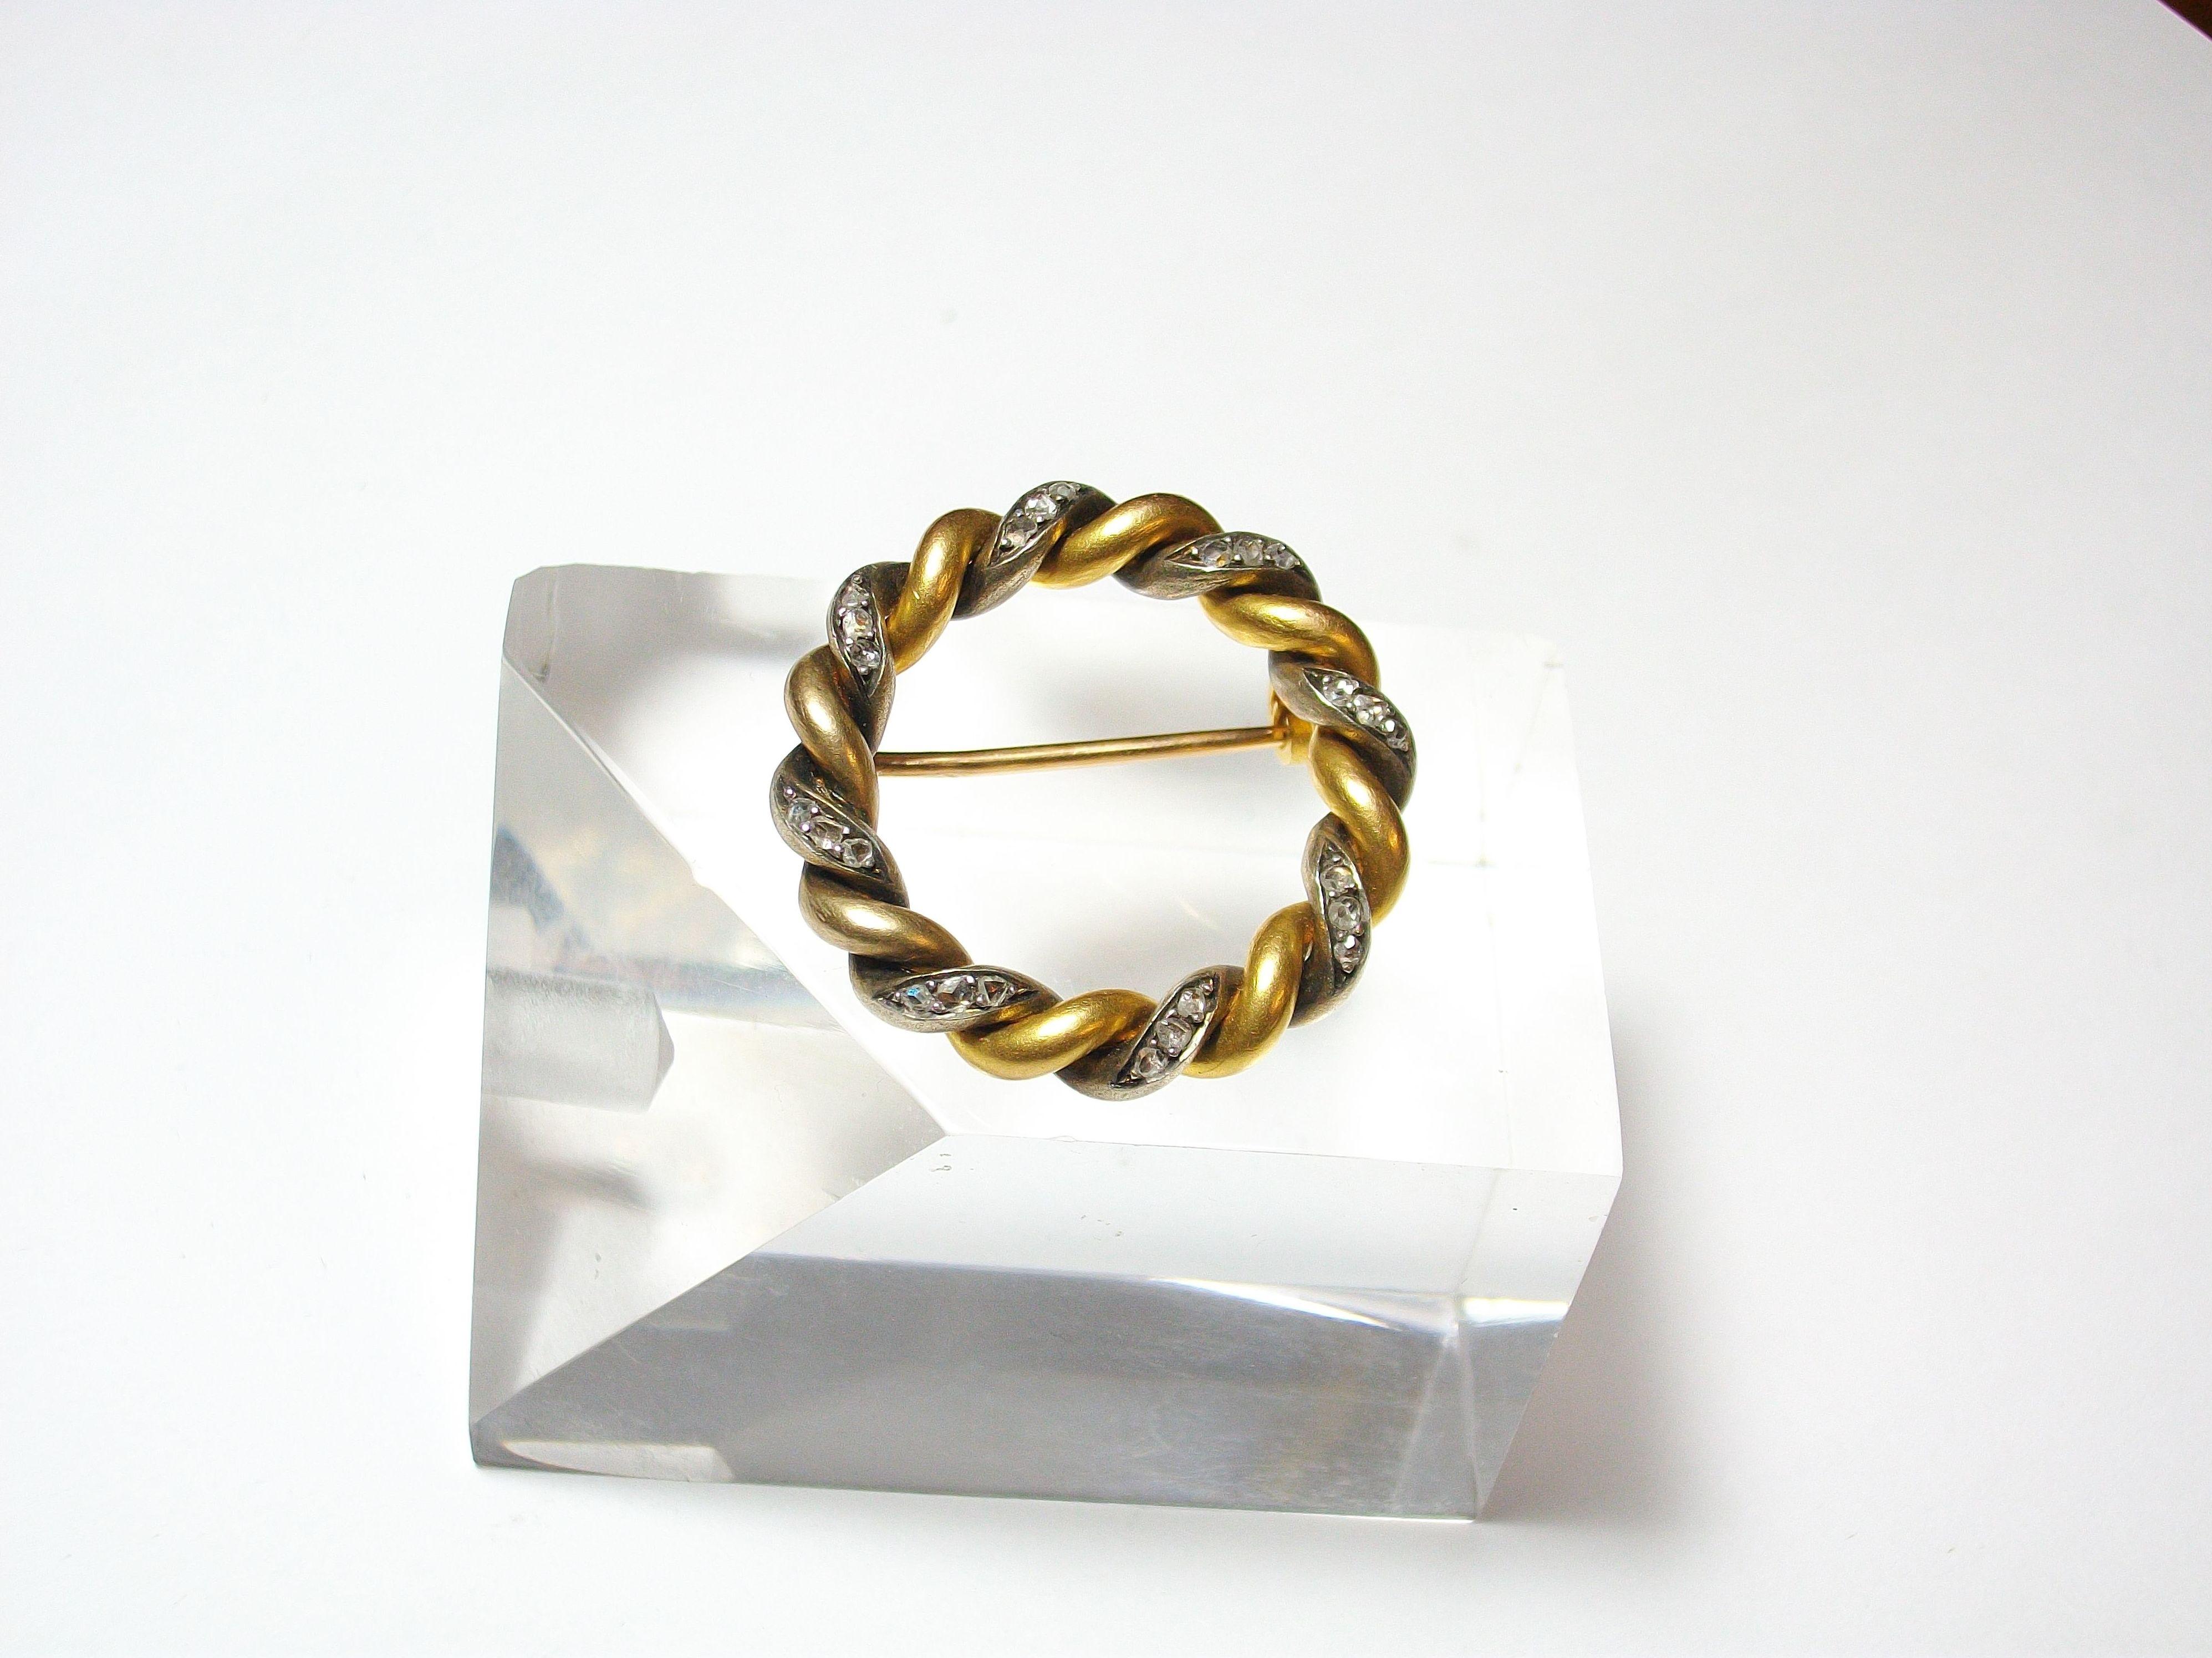 Broche circular realizado en oro de 18k con vistas en plata y diamantes talla tres facetas . Segunda mitad S. XIX.